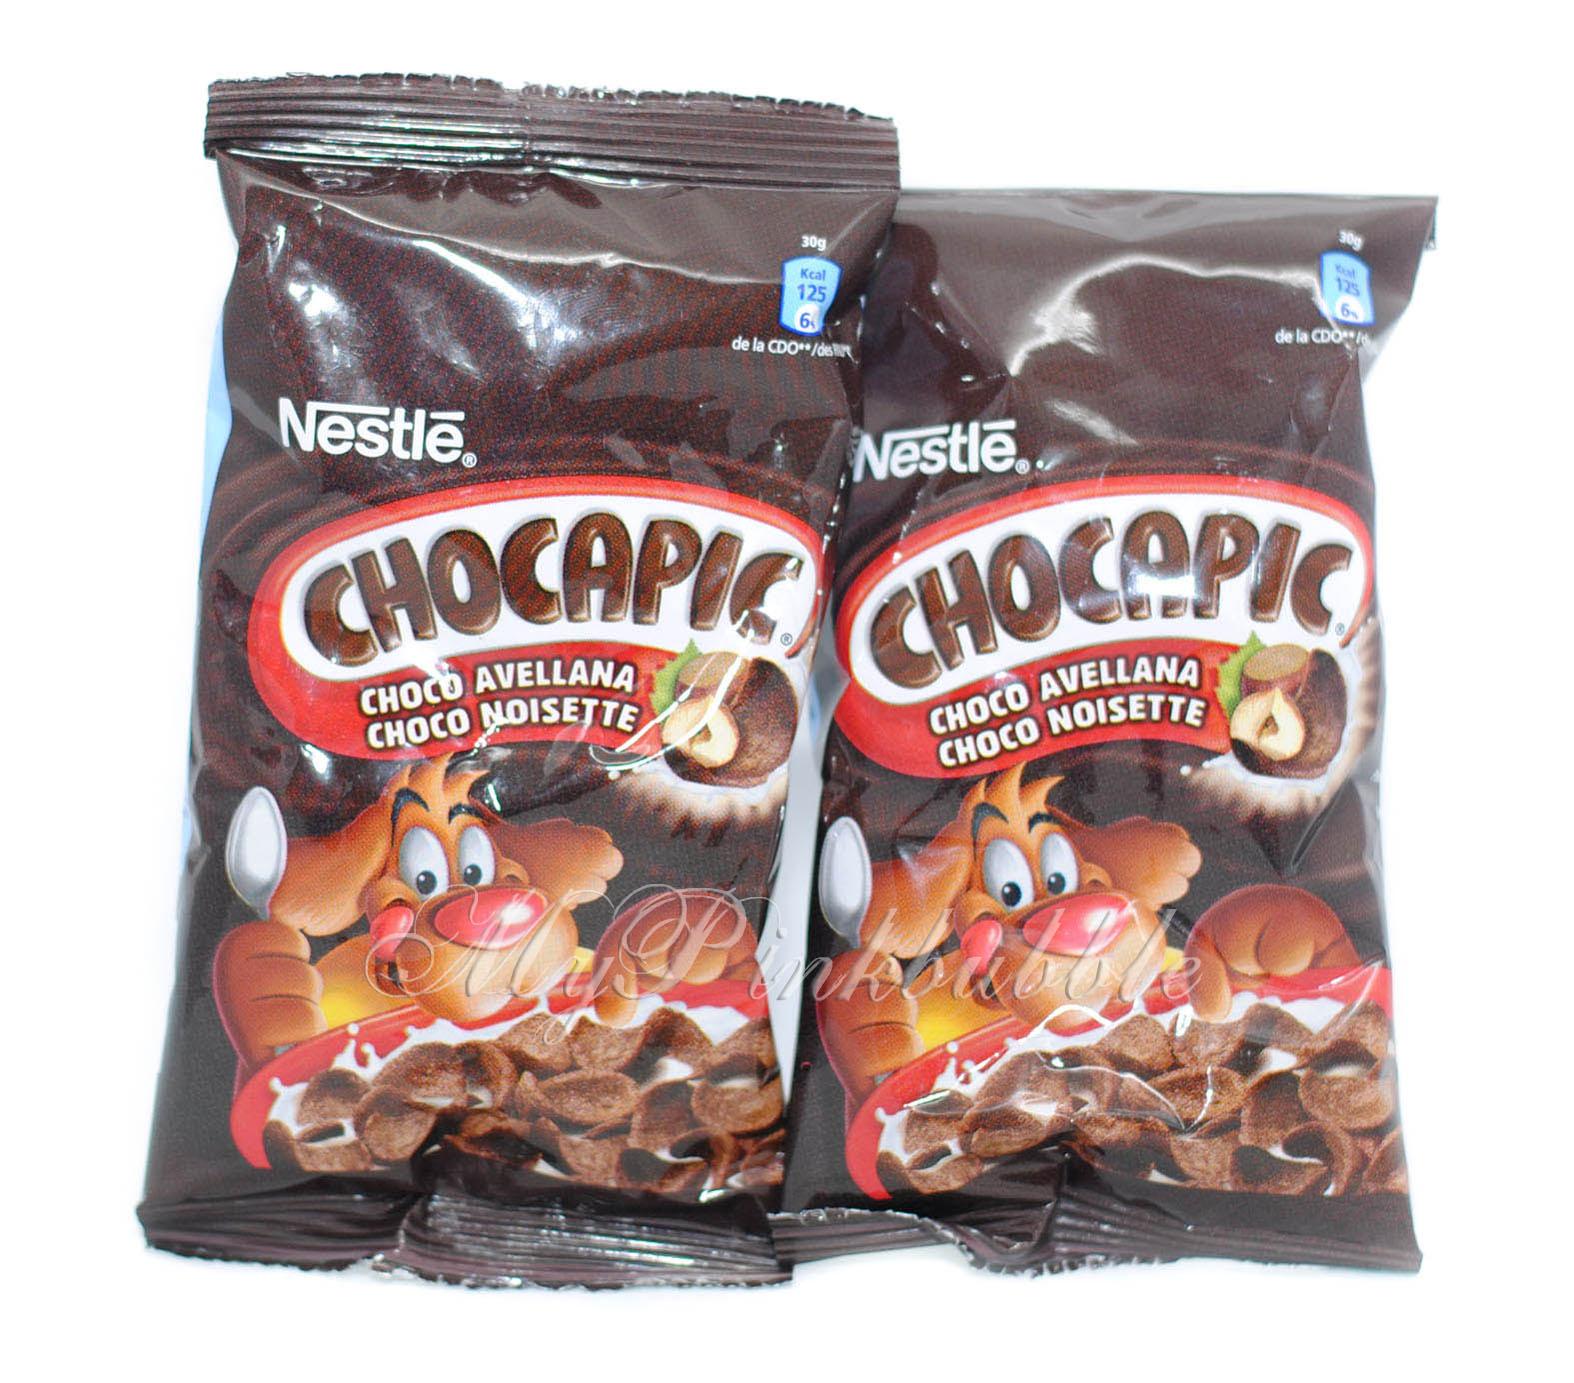 Chocapic choco avellana